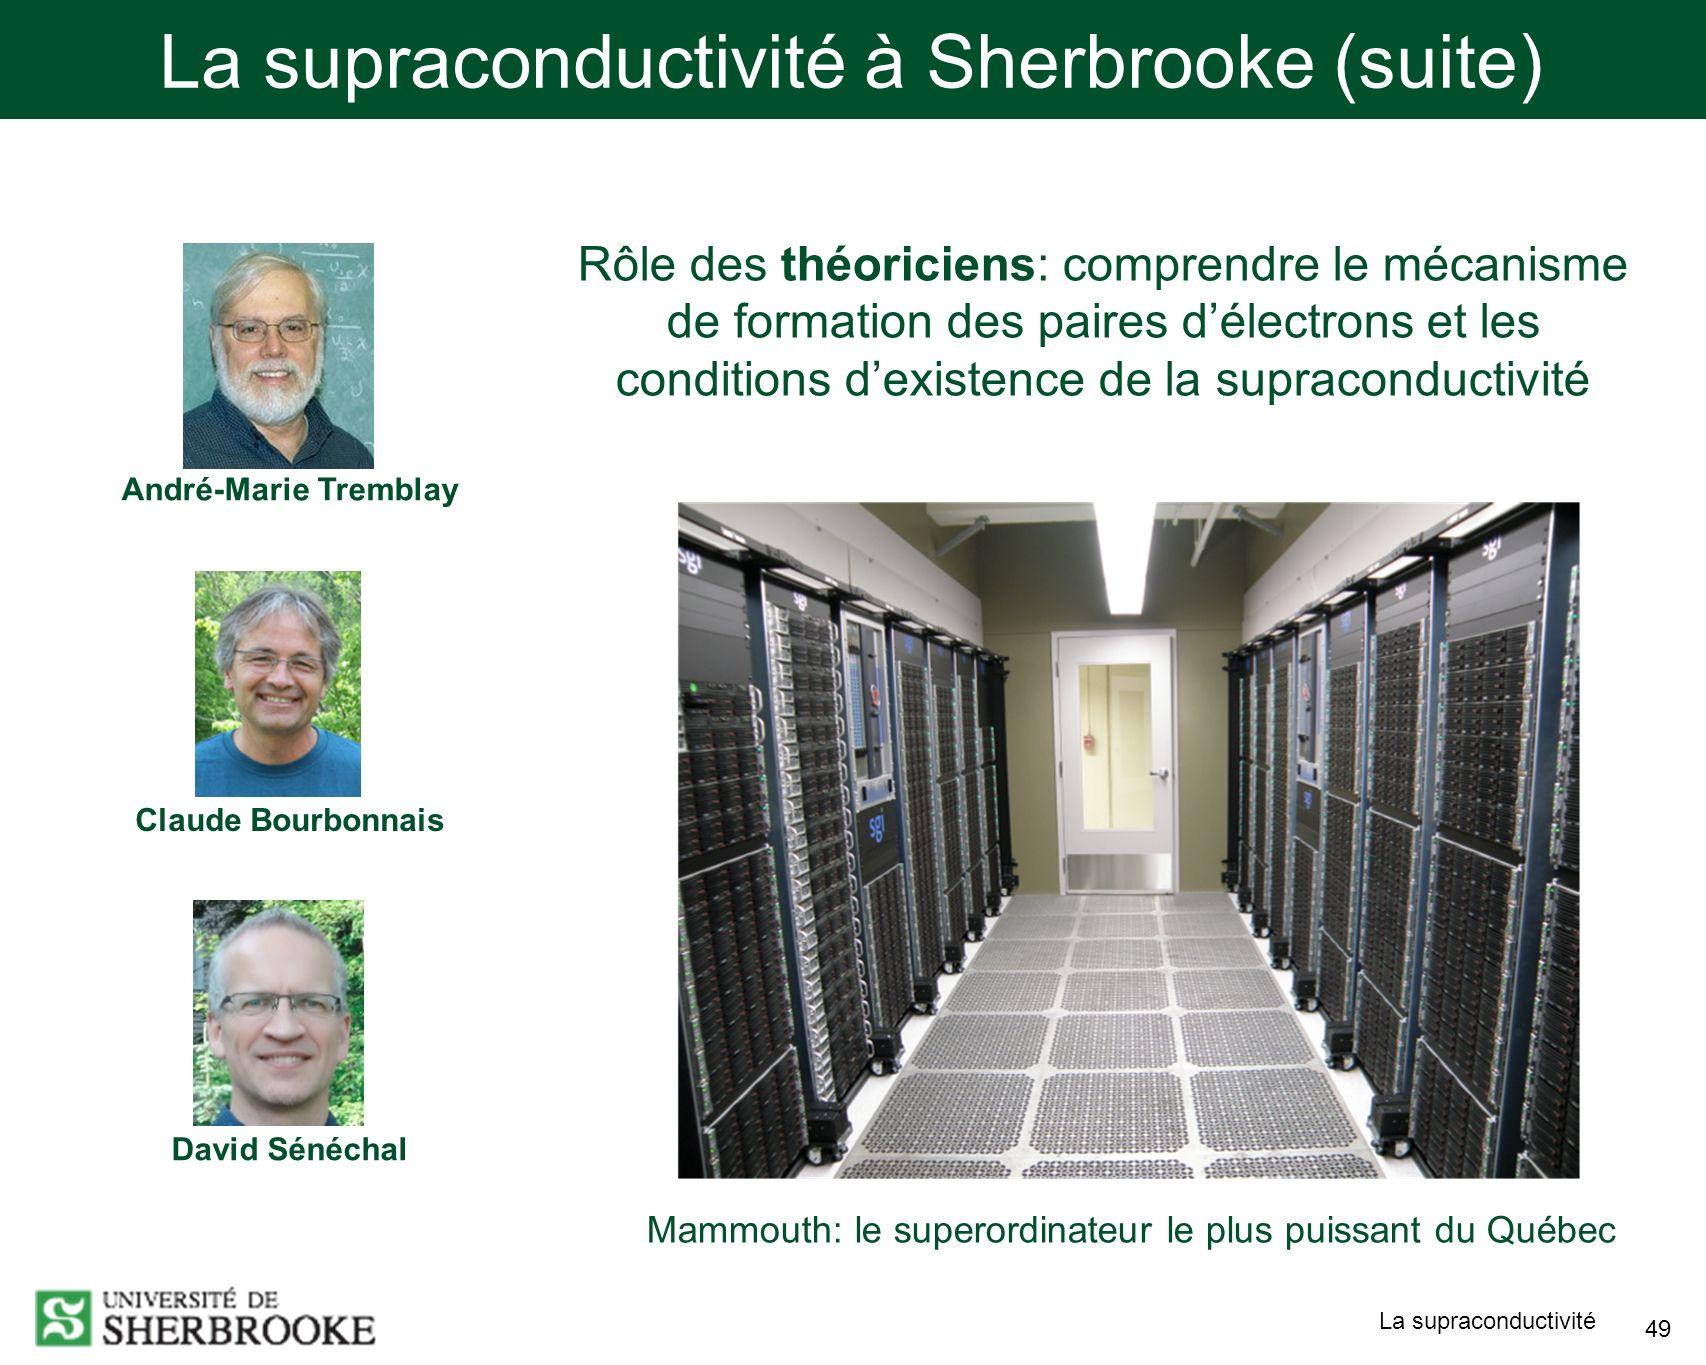 La supraconductivité 49 La supraconductivité à Sherbrooke (suite) André-Marie Tremblay Claude Bourbonnais David Sénéchal Rôle des théoriciens: compren